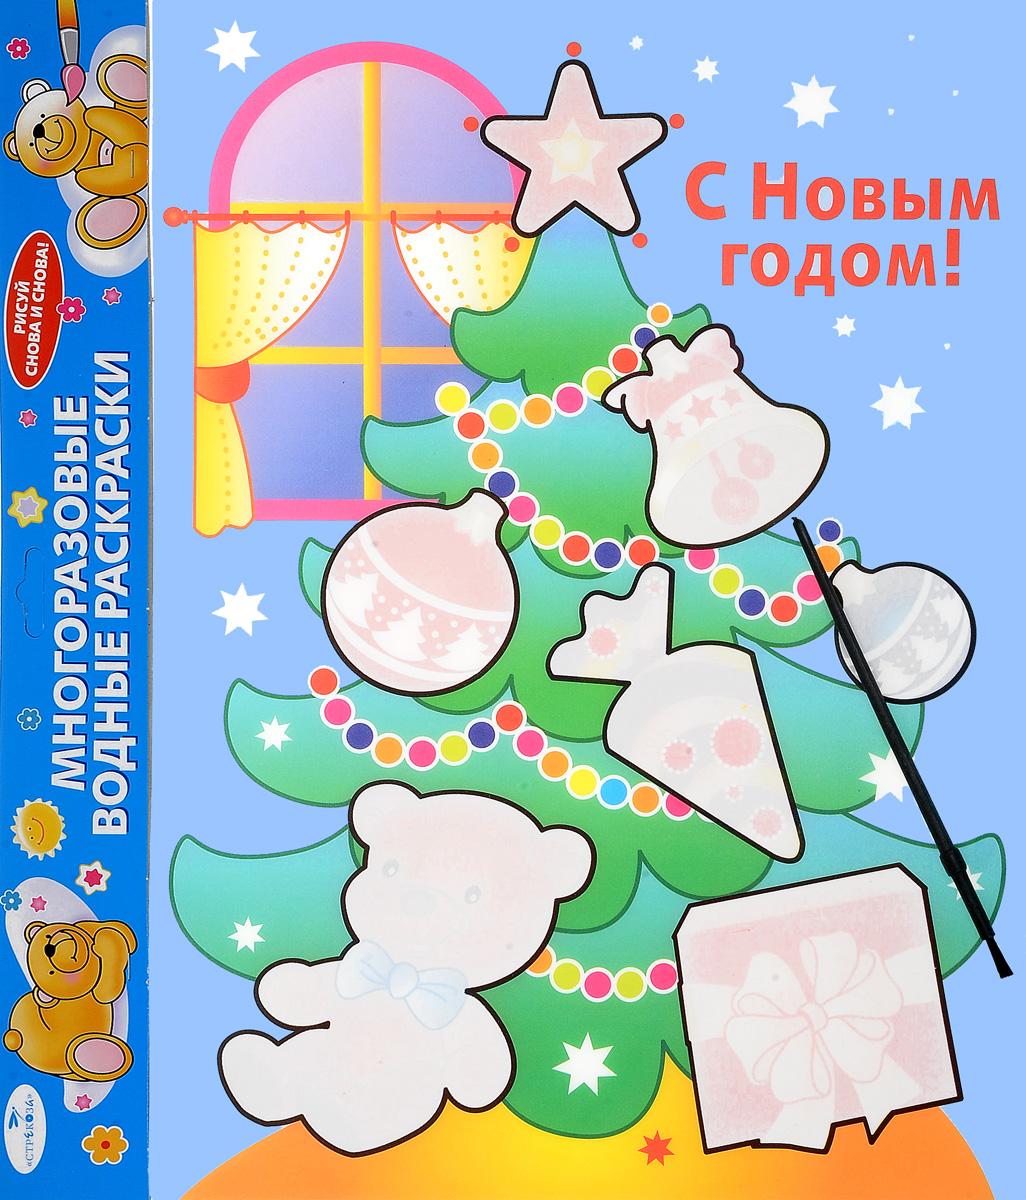 С Новым годом! Елка. Водная раскраска object desire репродукция гравюры музейный экспонат версия 18